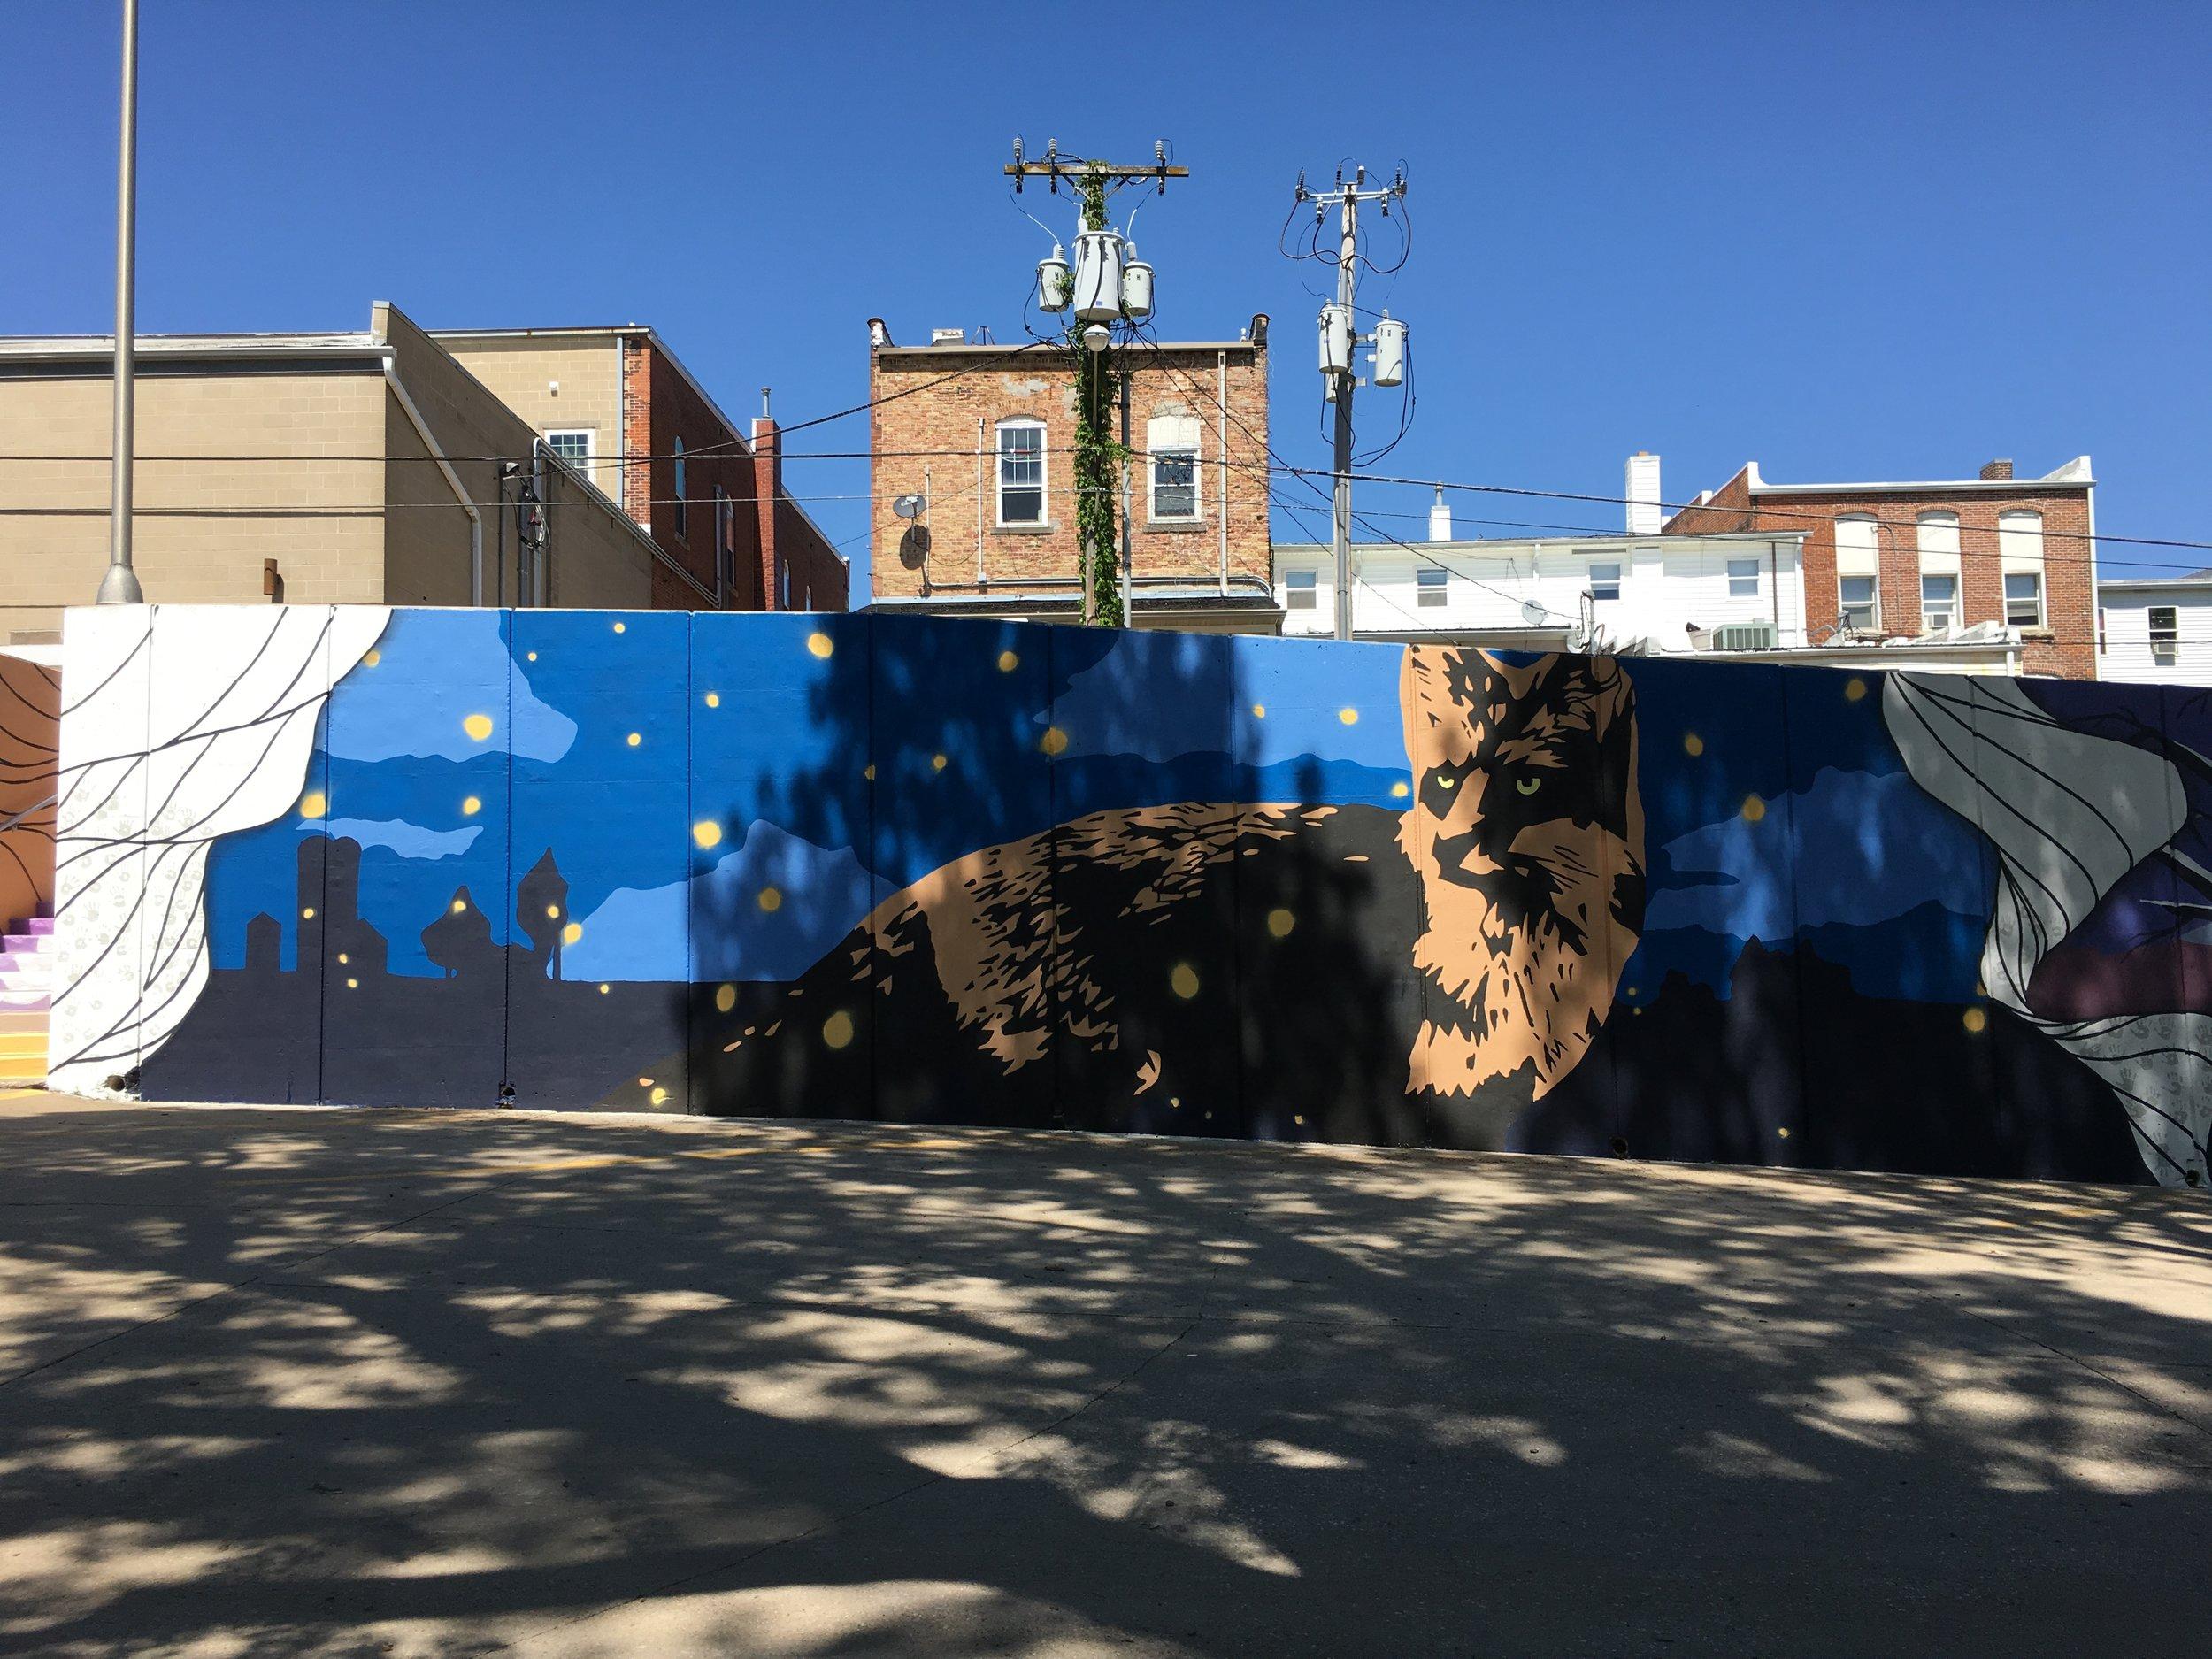 Strider Patton - Mt. Vernon, IA Community Mural Project